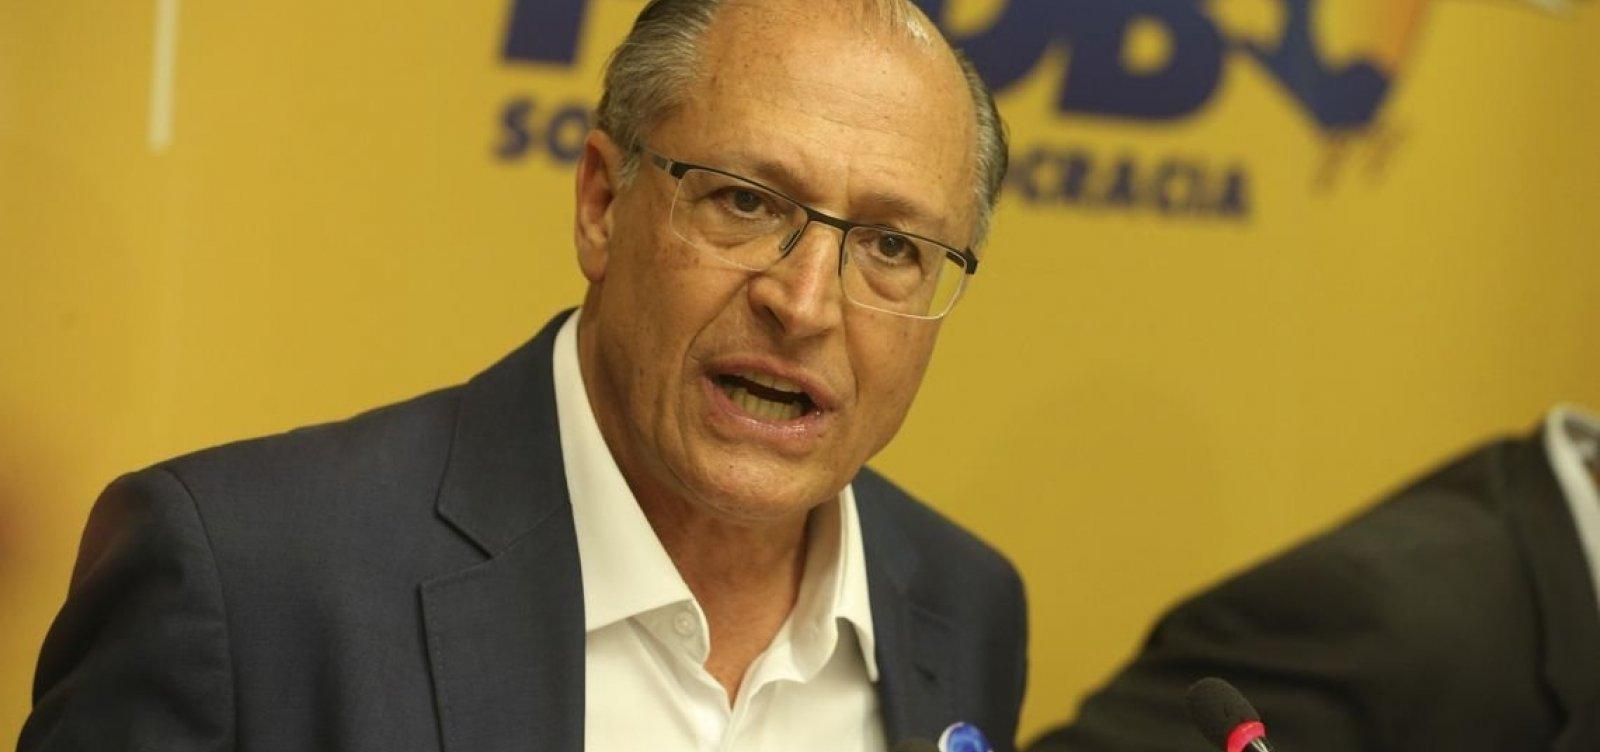 Alckmin recusa proposta do PSDB para ser candidato a vereador em São Paulo